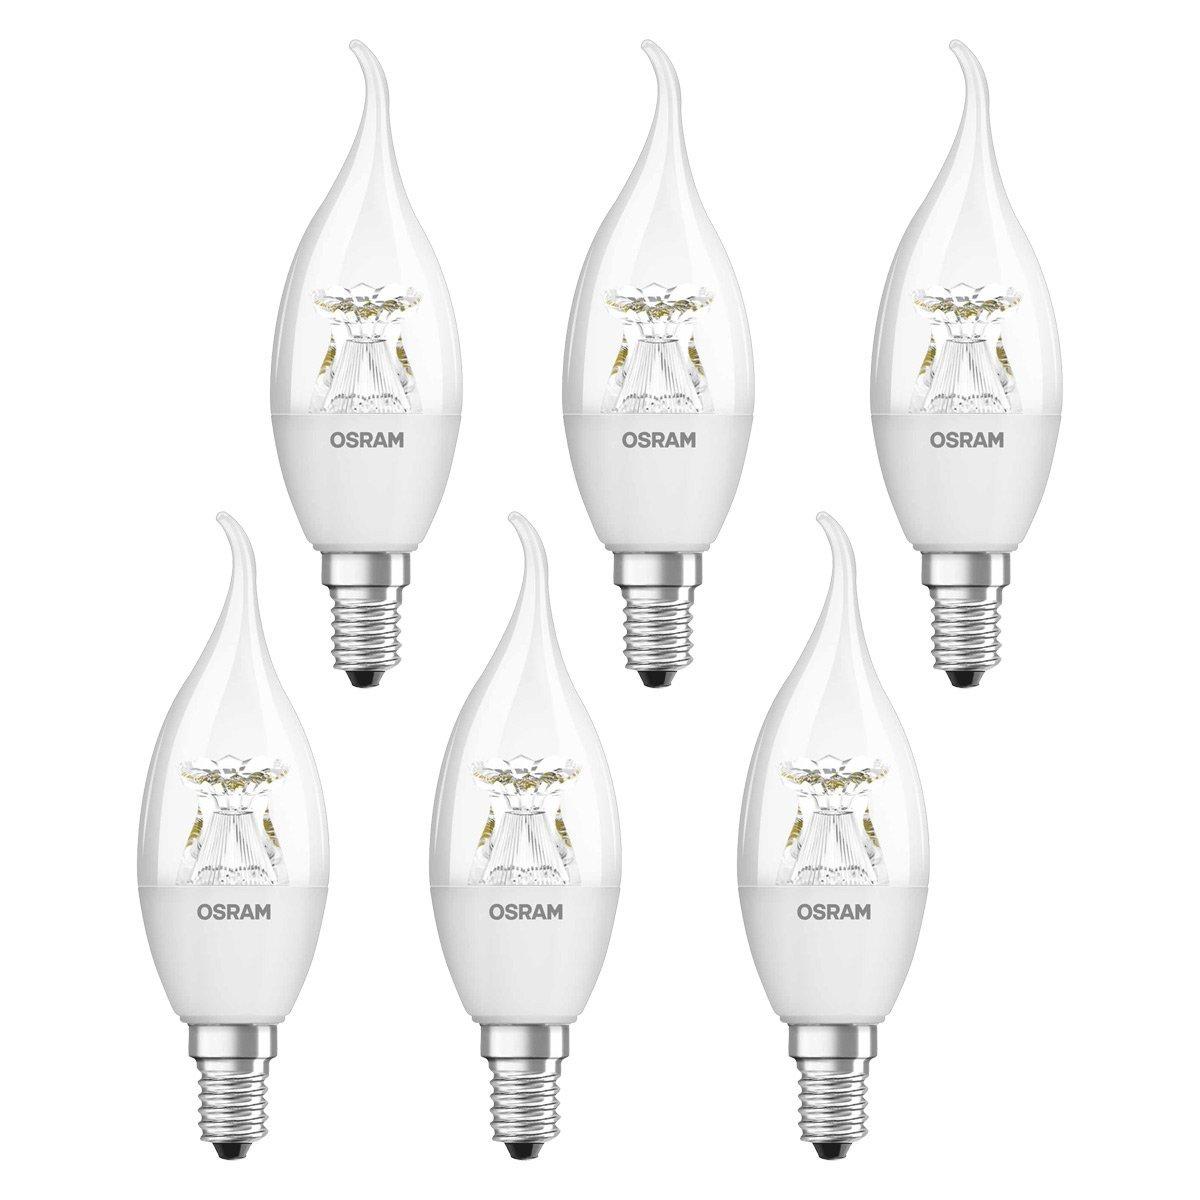 Osram LED Kerzenform amazon